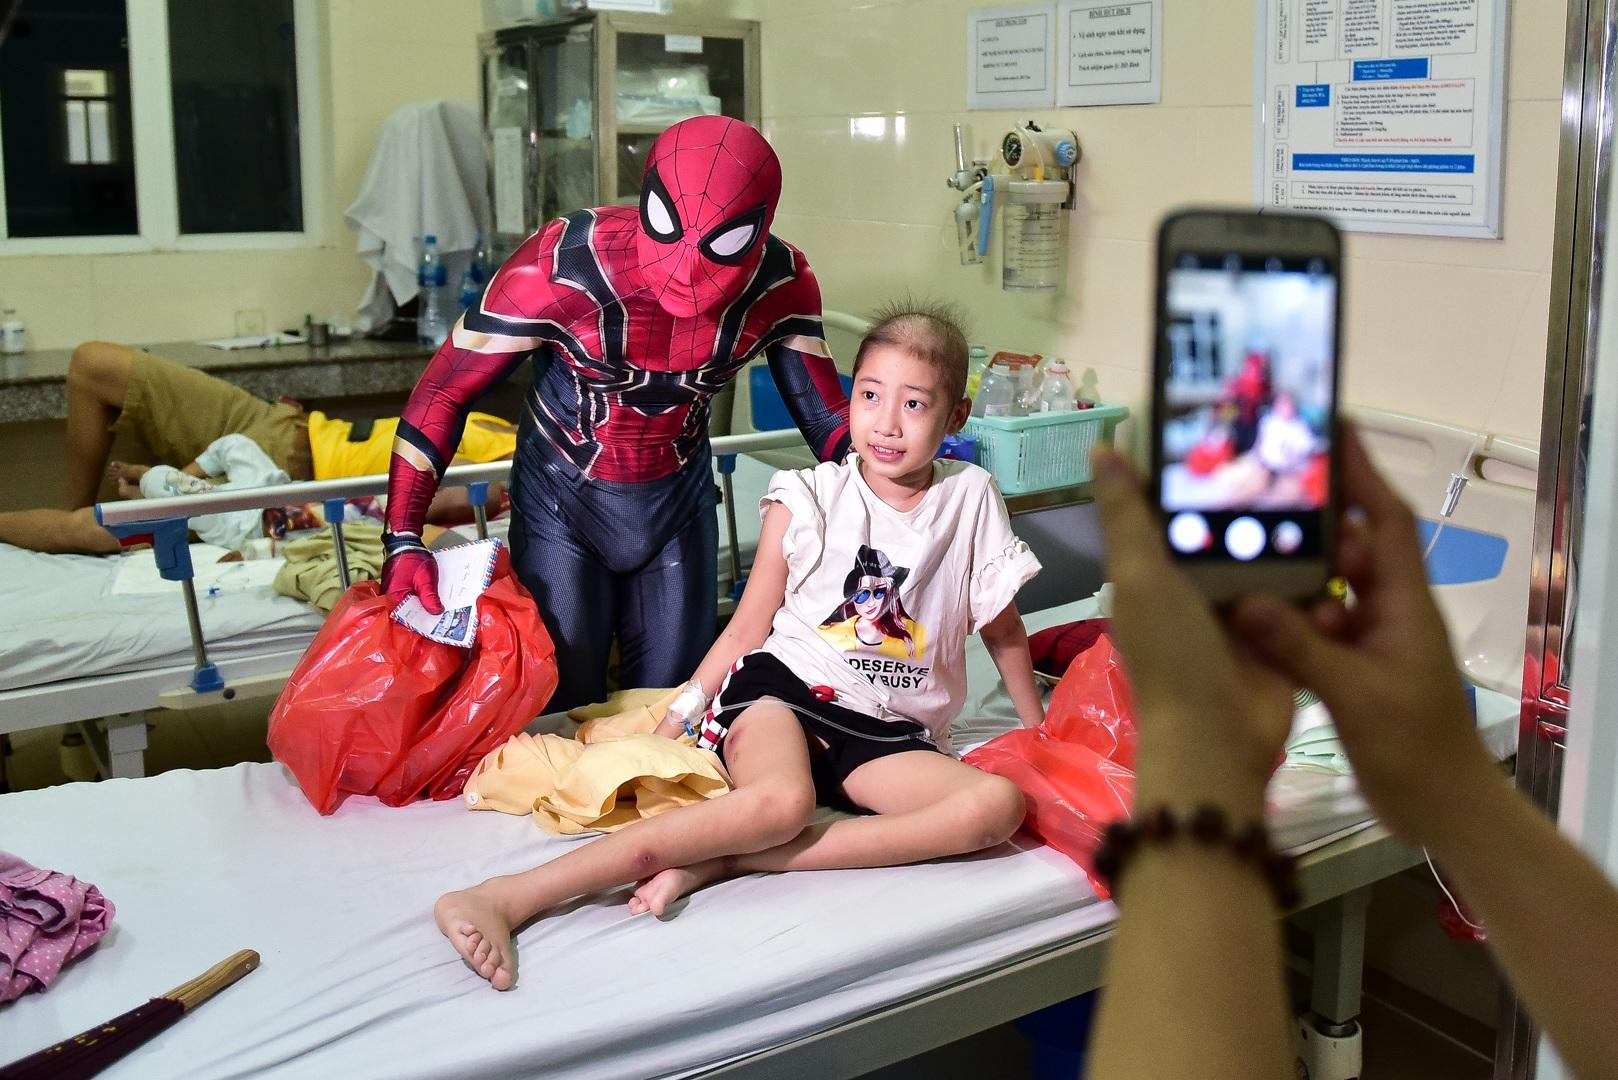 Chàng trai hoá thân thành người nhện đi truyền lửa cho các bệnh nhi ung thư - 2